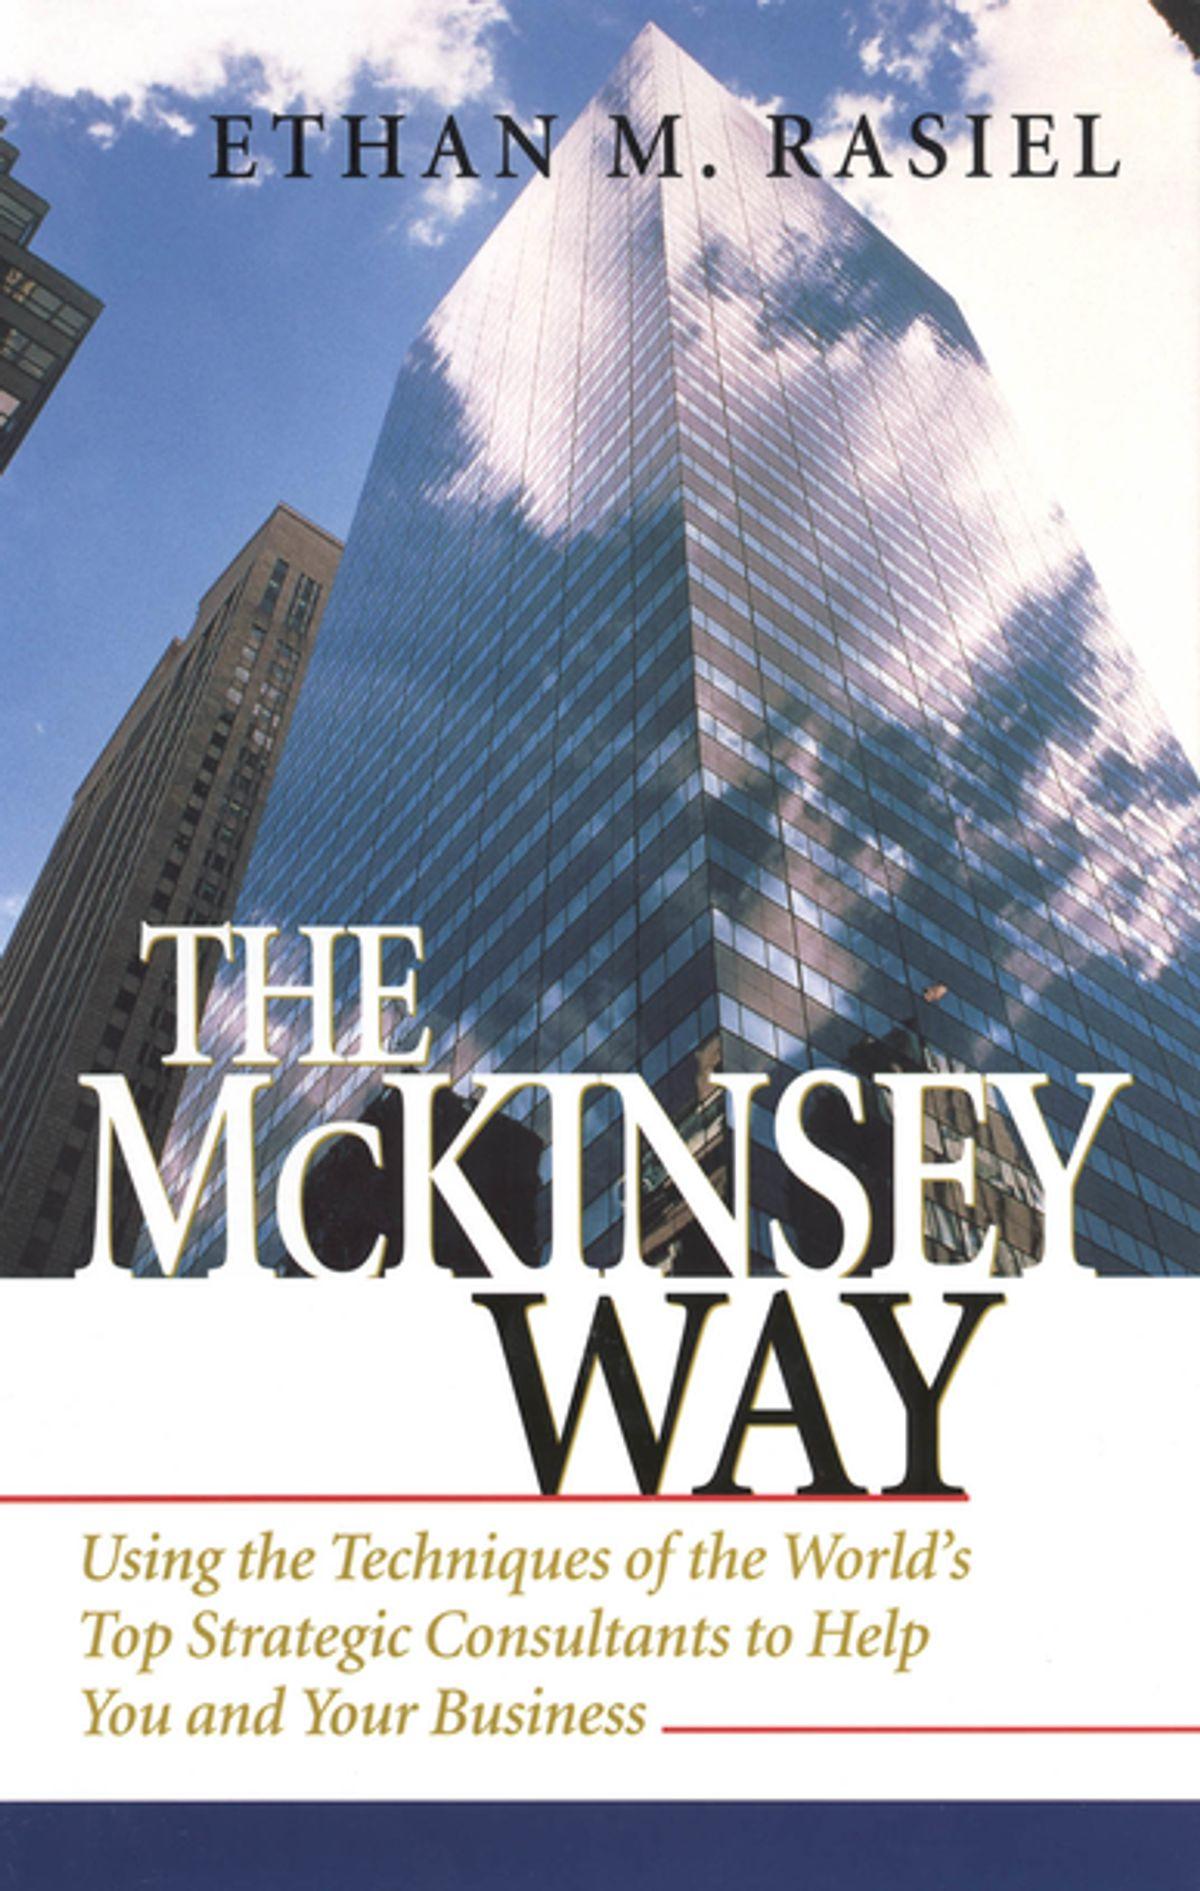 TheMcKinseyWay_EthanMRasiel.jpg